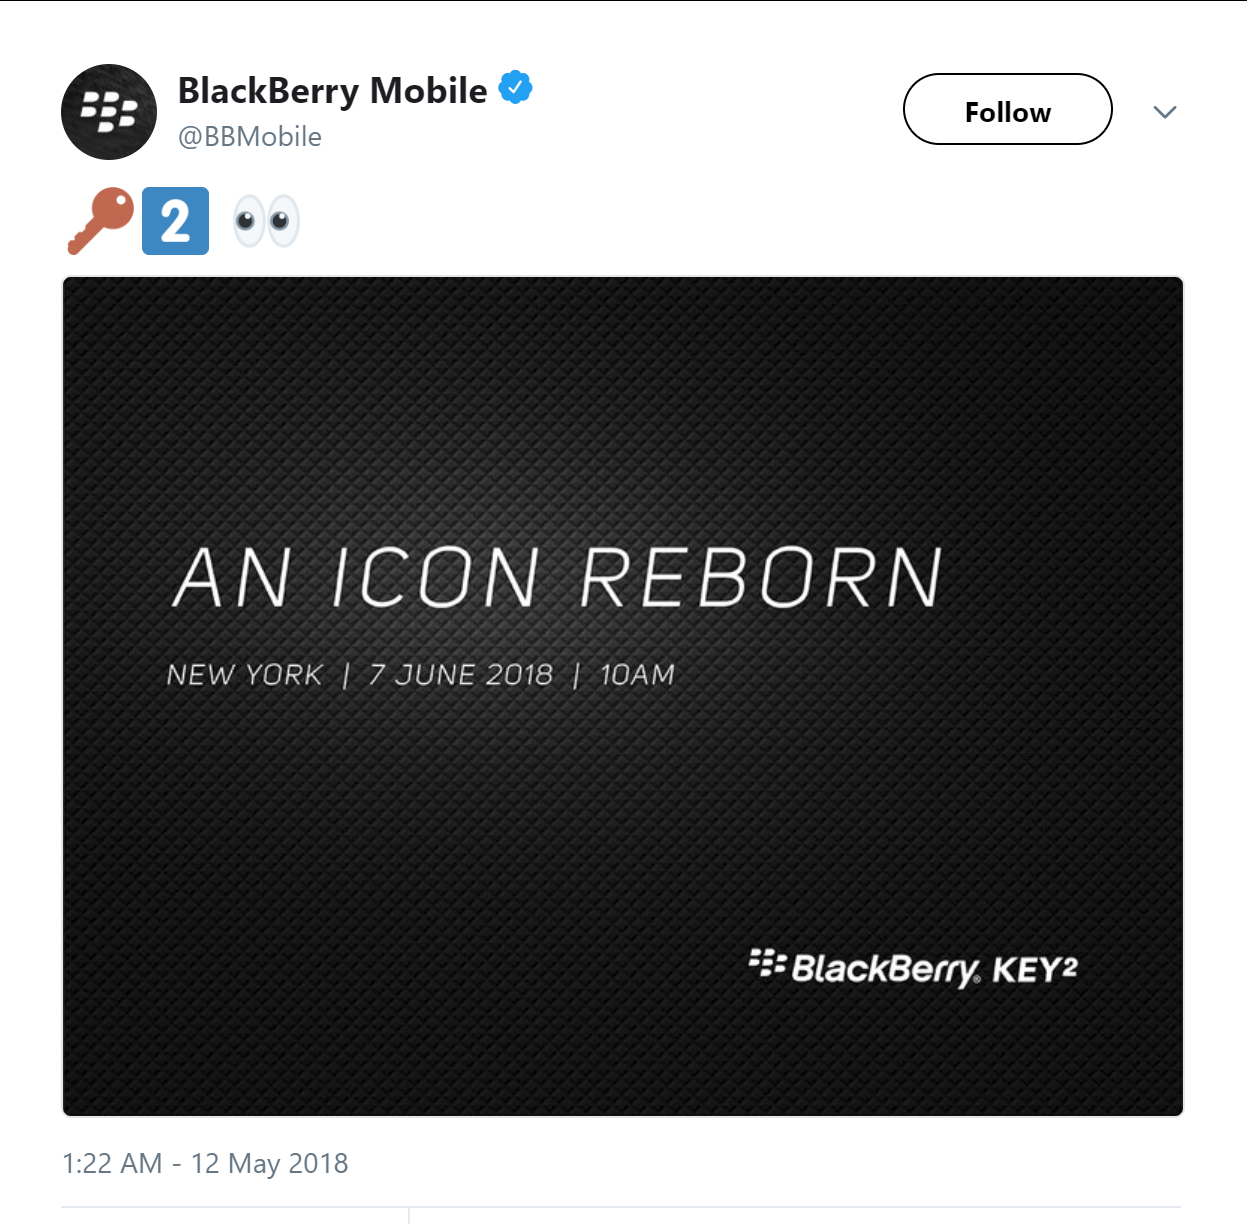 BlackBerry Mobile Tweet Key2